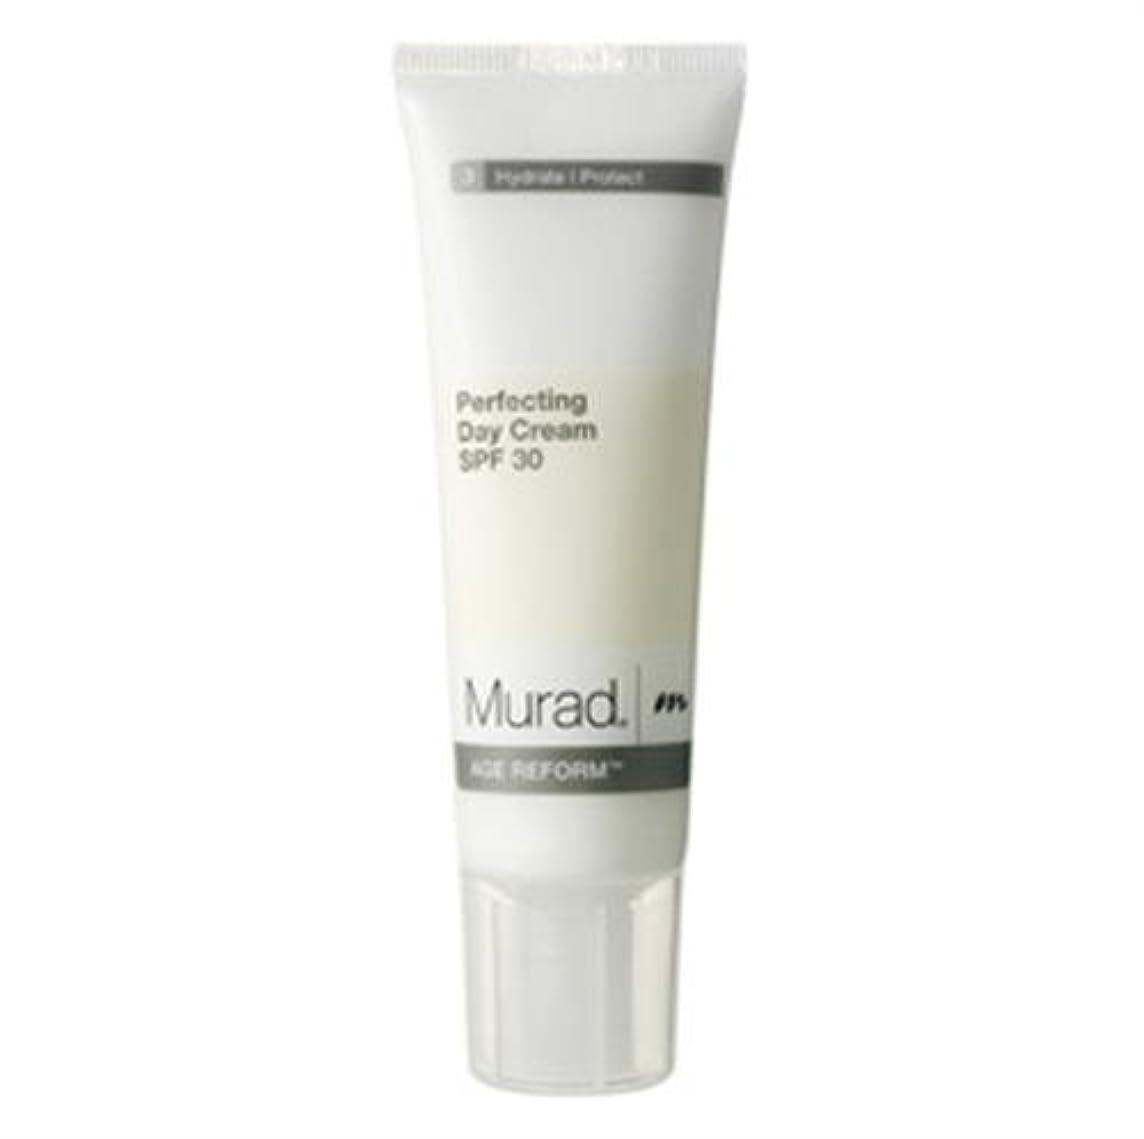 直接スペイン語各ミュラド Perfecting Day Cream SPF30 - Dry/Sensitive Skin (Exp. Date 03/2020) 50ml/1.7oz並行輸入品